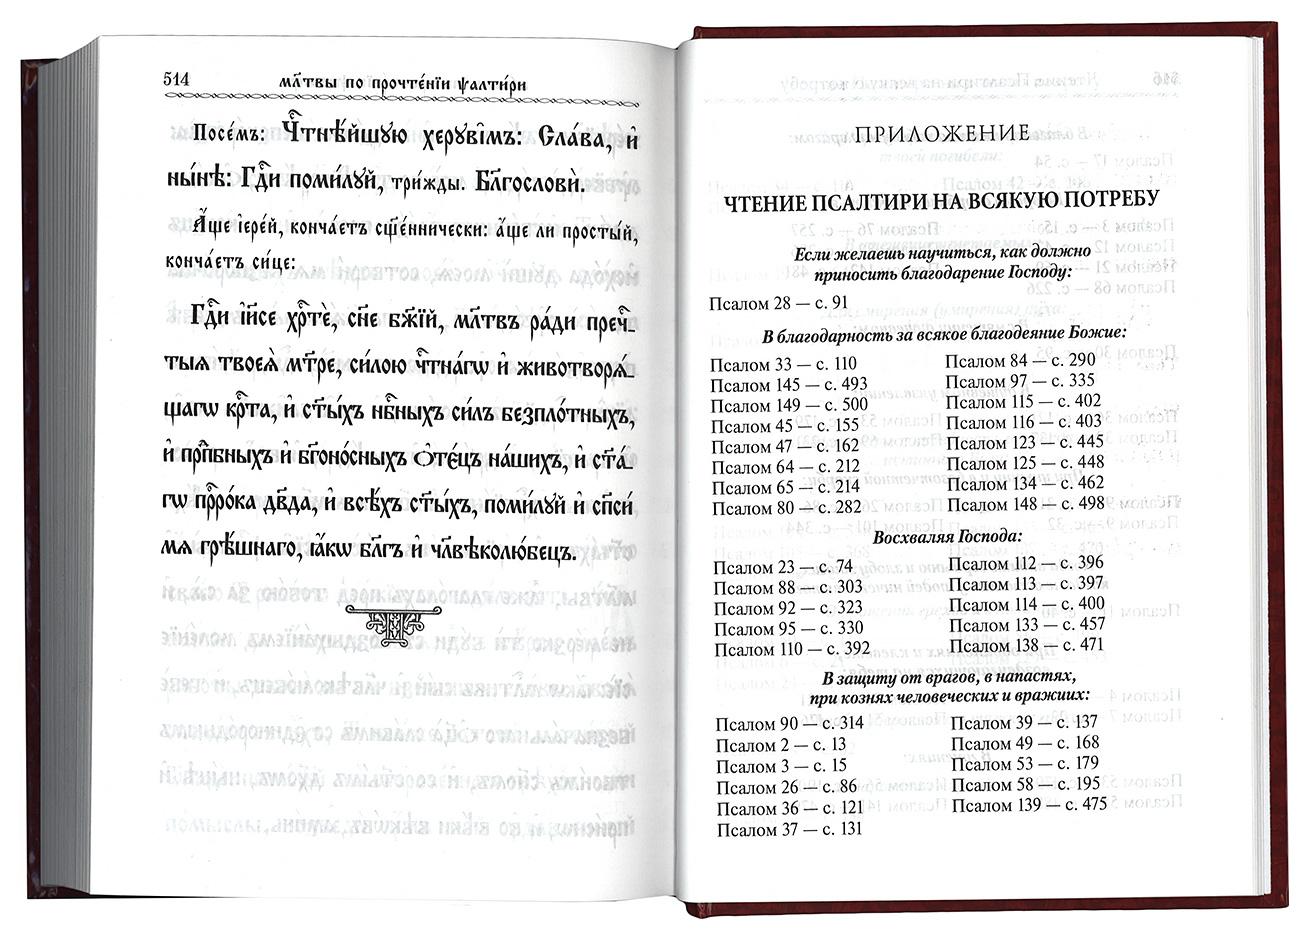 Когда читают псалтырь: особенности и правила чтения